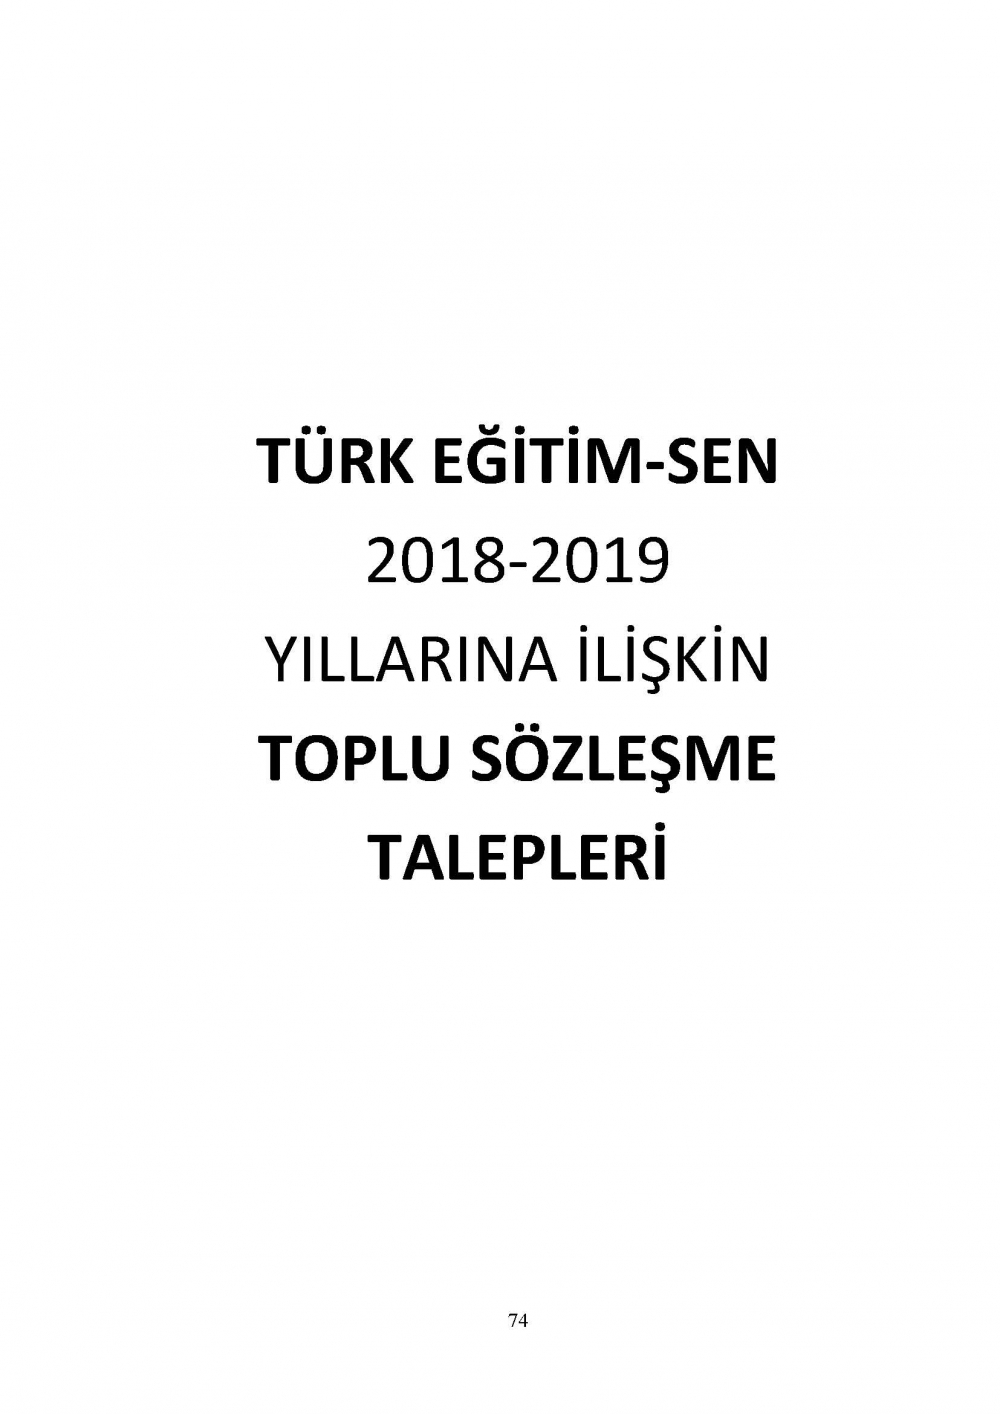 Türk Eğitim-Sen Toplu Sözleşme Talepleri - MEB-YÖK-KREDİ YURTLAR 1